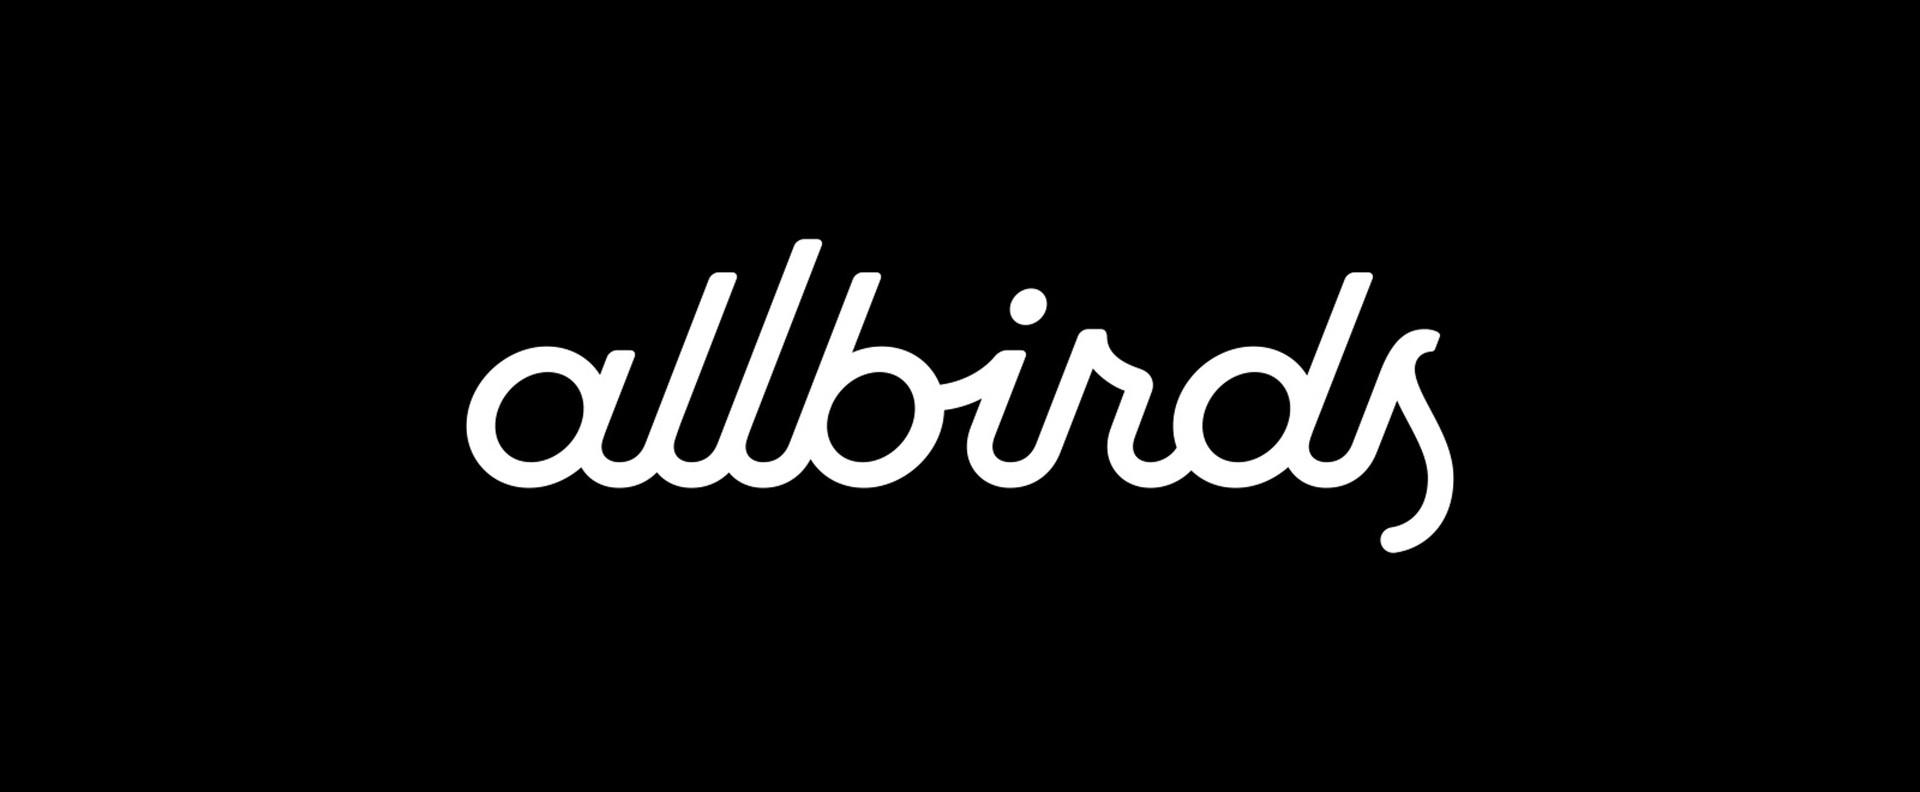 allbirds logo.jpg